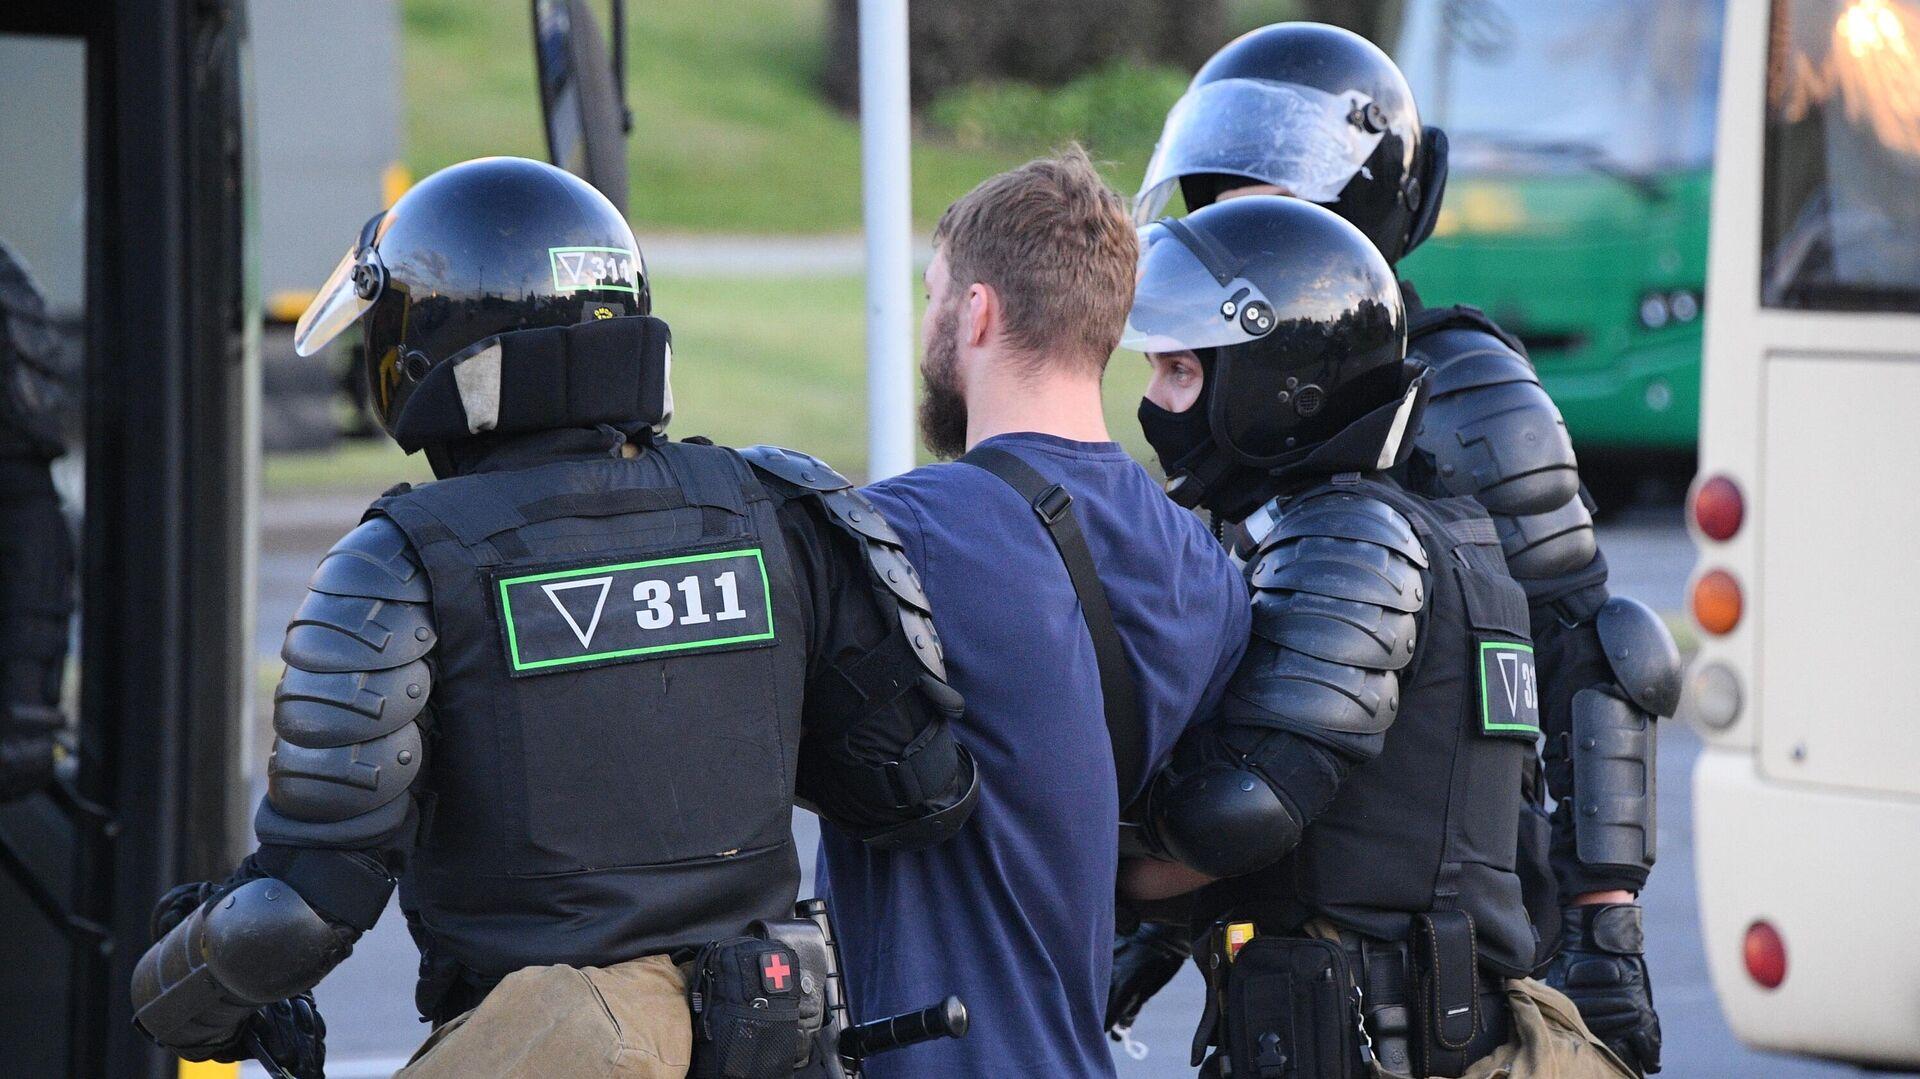 Сотрудники правоохранительных органов задерживают участников акции протеста в Минске - РИА Новости, 1920, 21.09.2020